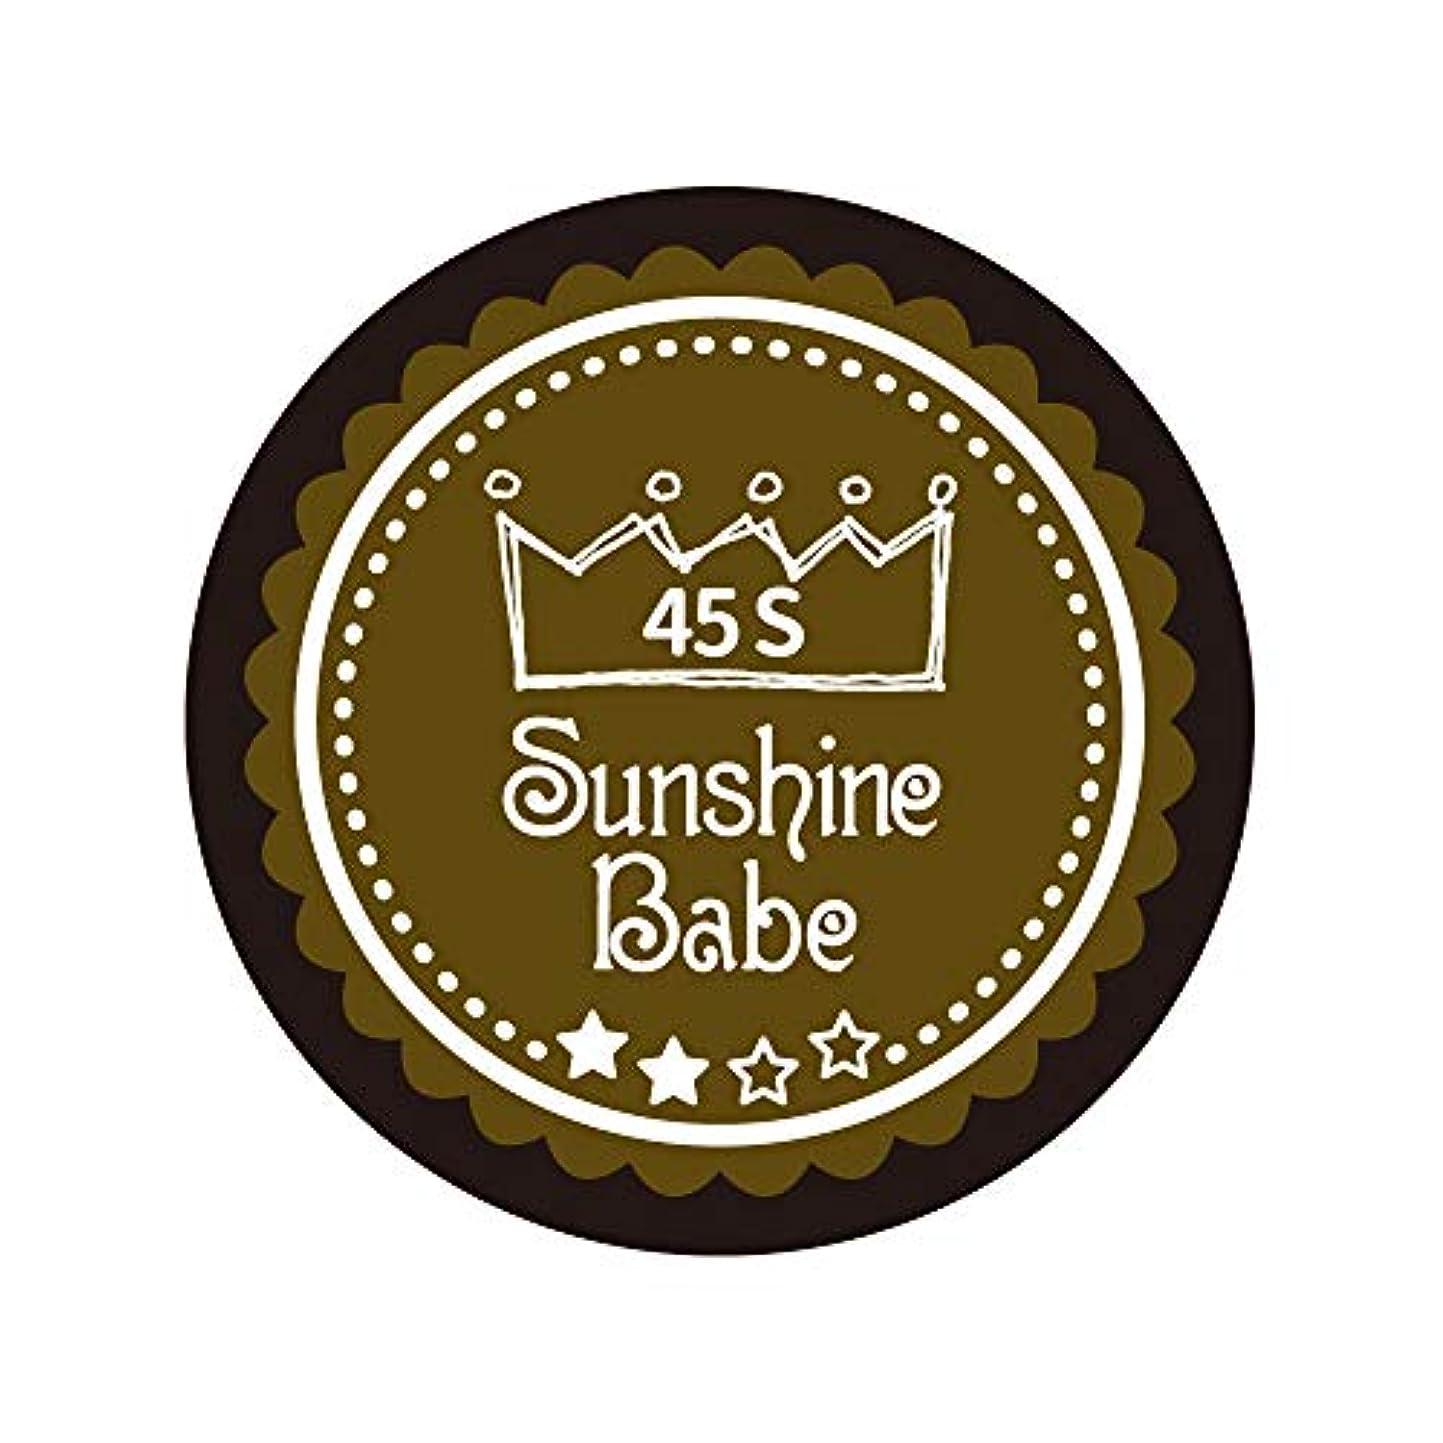 準備する債権者テセウスSunshine Babe カラージェル 45S マティーニオリーブ 4g UV/LED対応